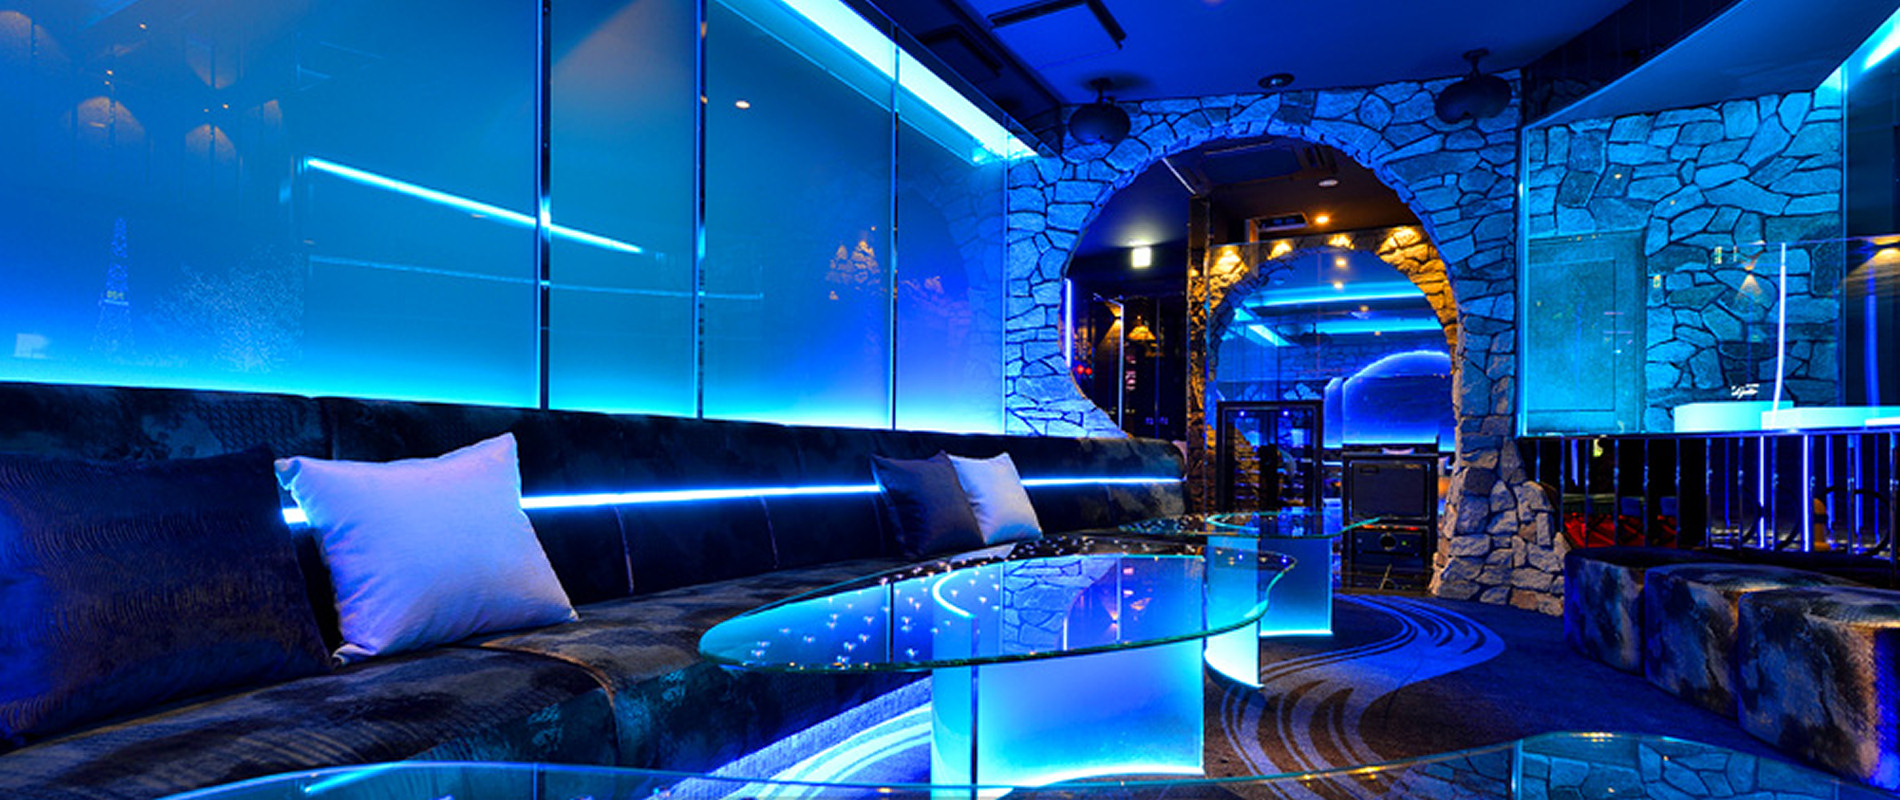 3F VIPループ(Blue Grotto)の外観の正面からみた様子が写っています。